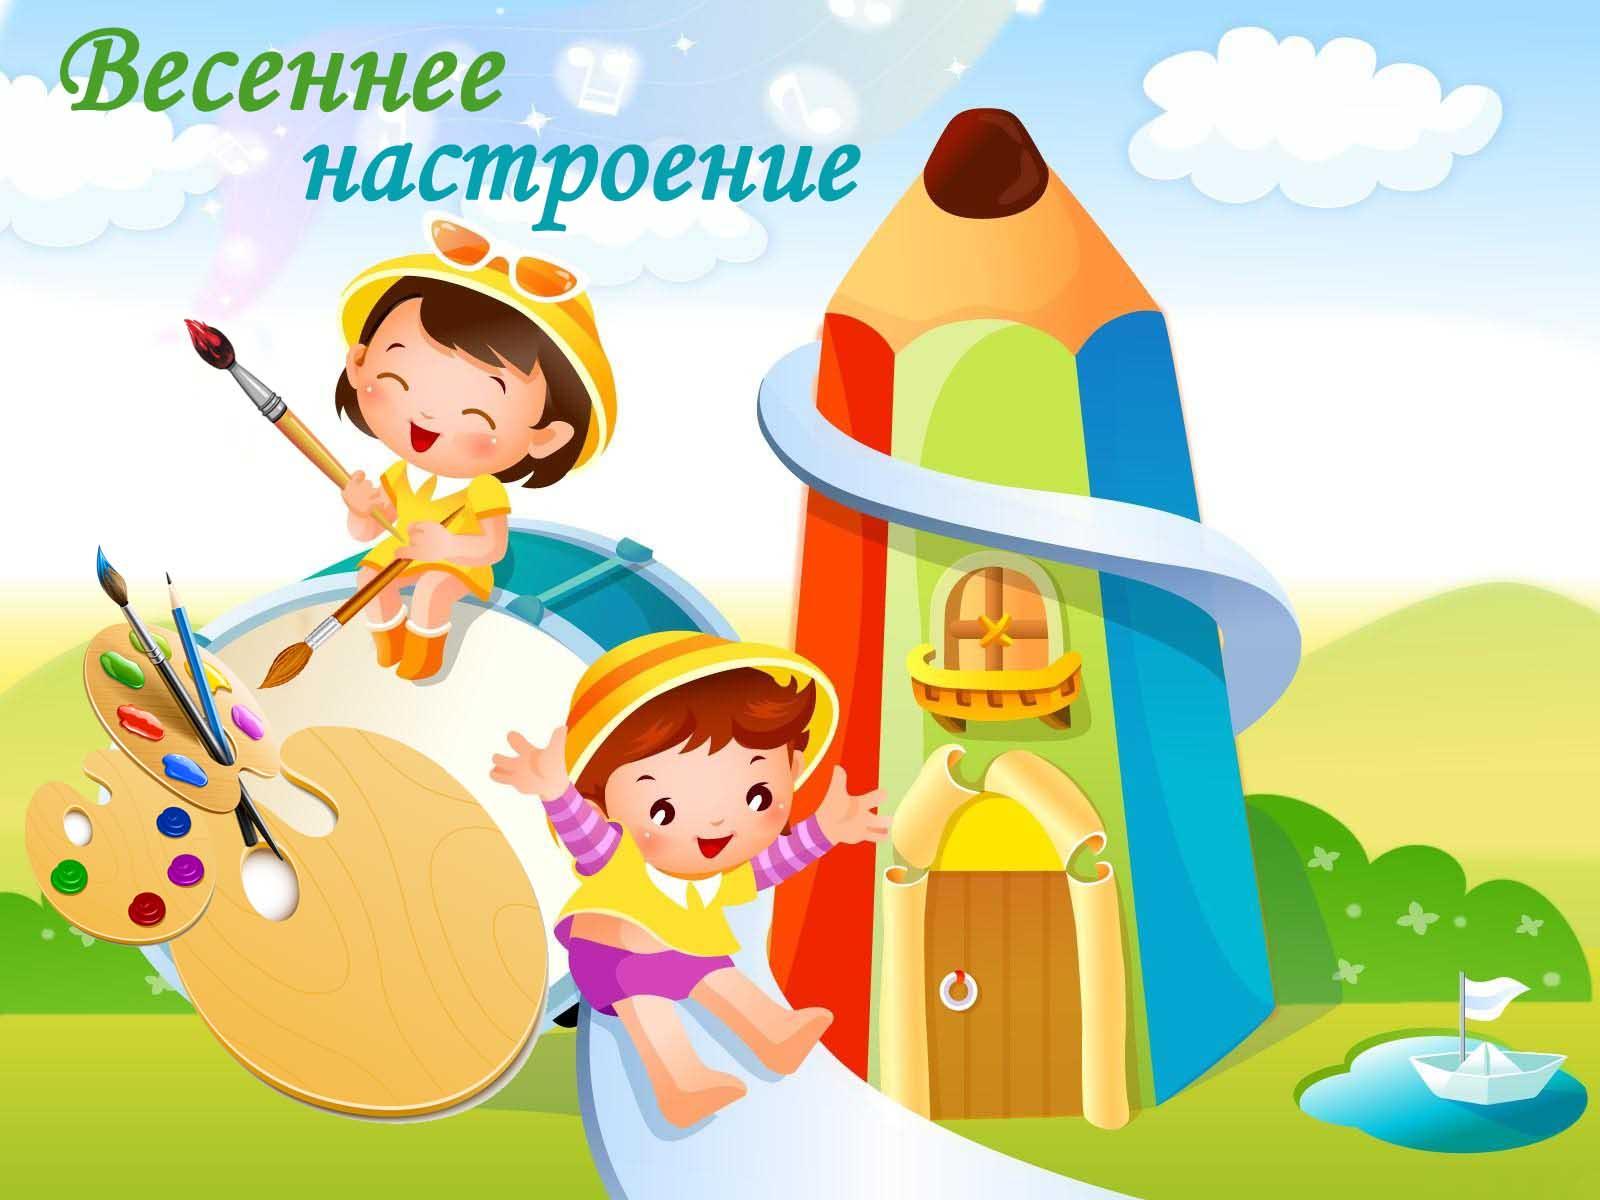 Конкурсы для детских конкурсов дома